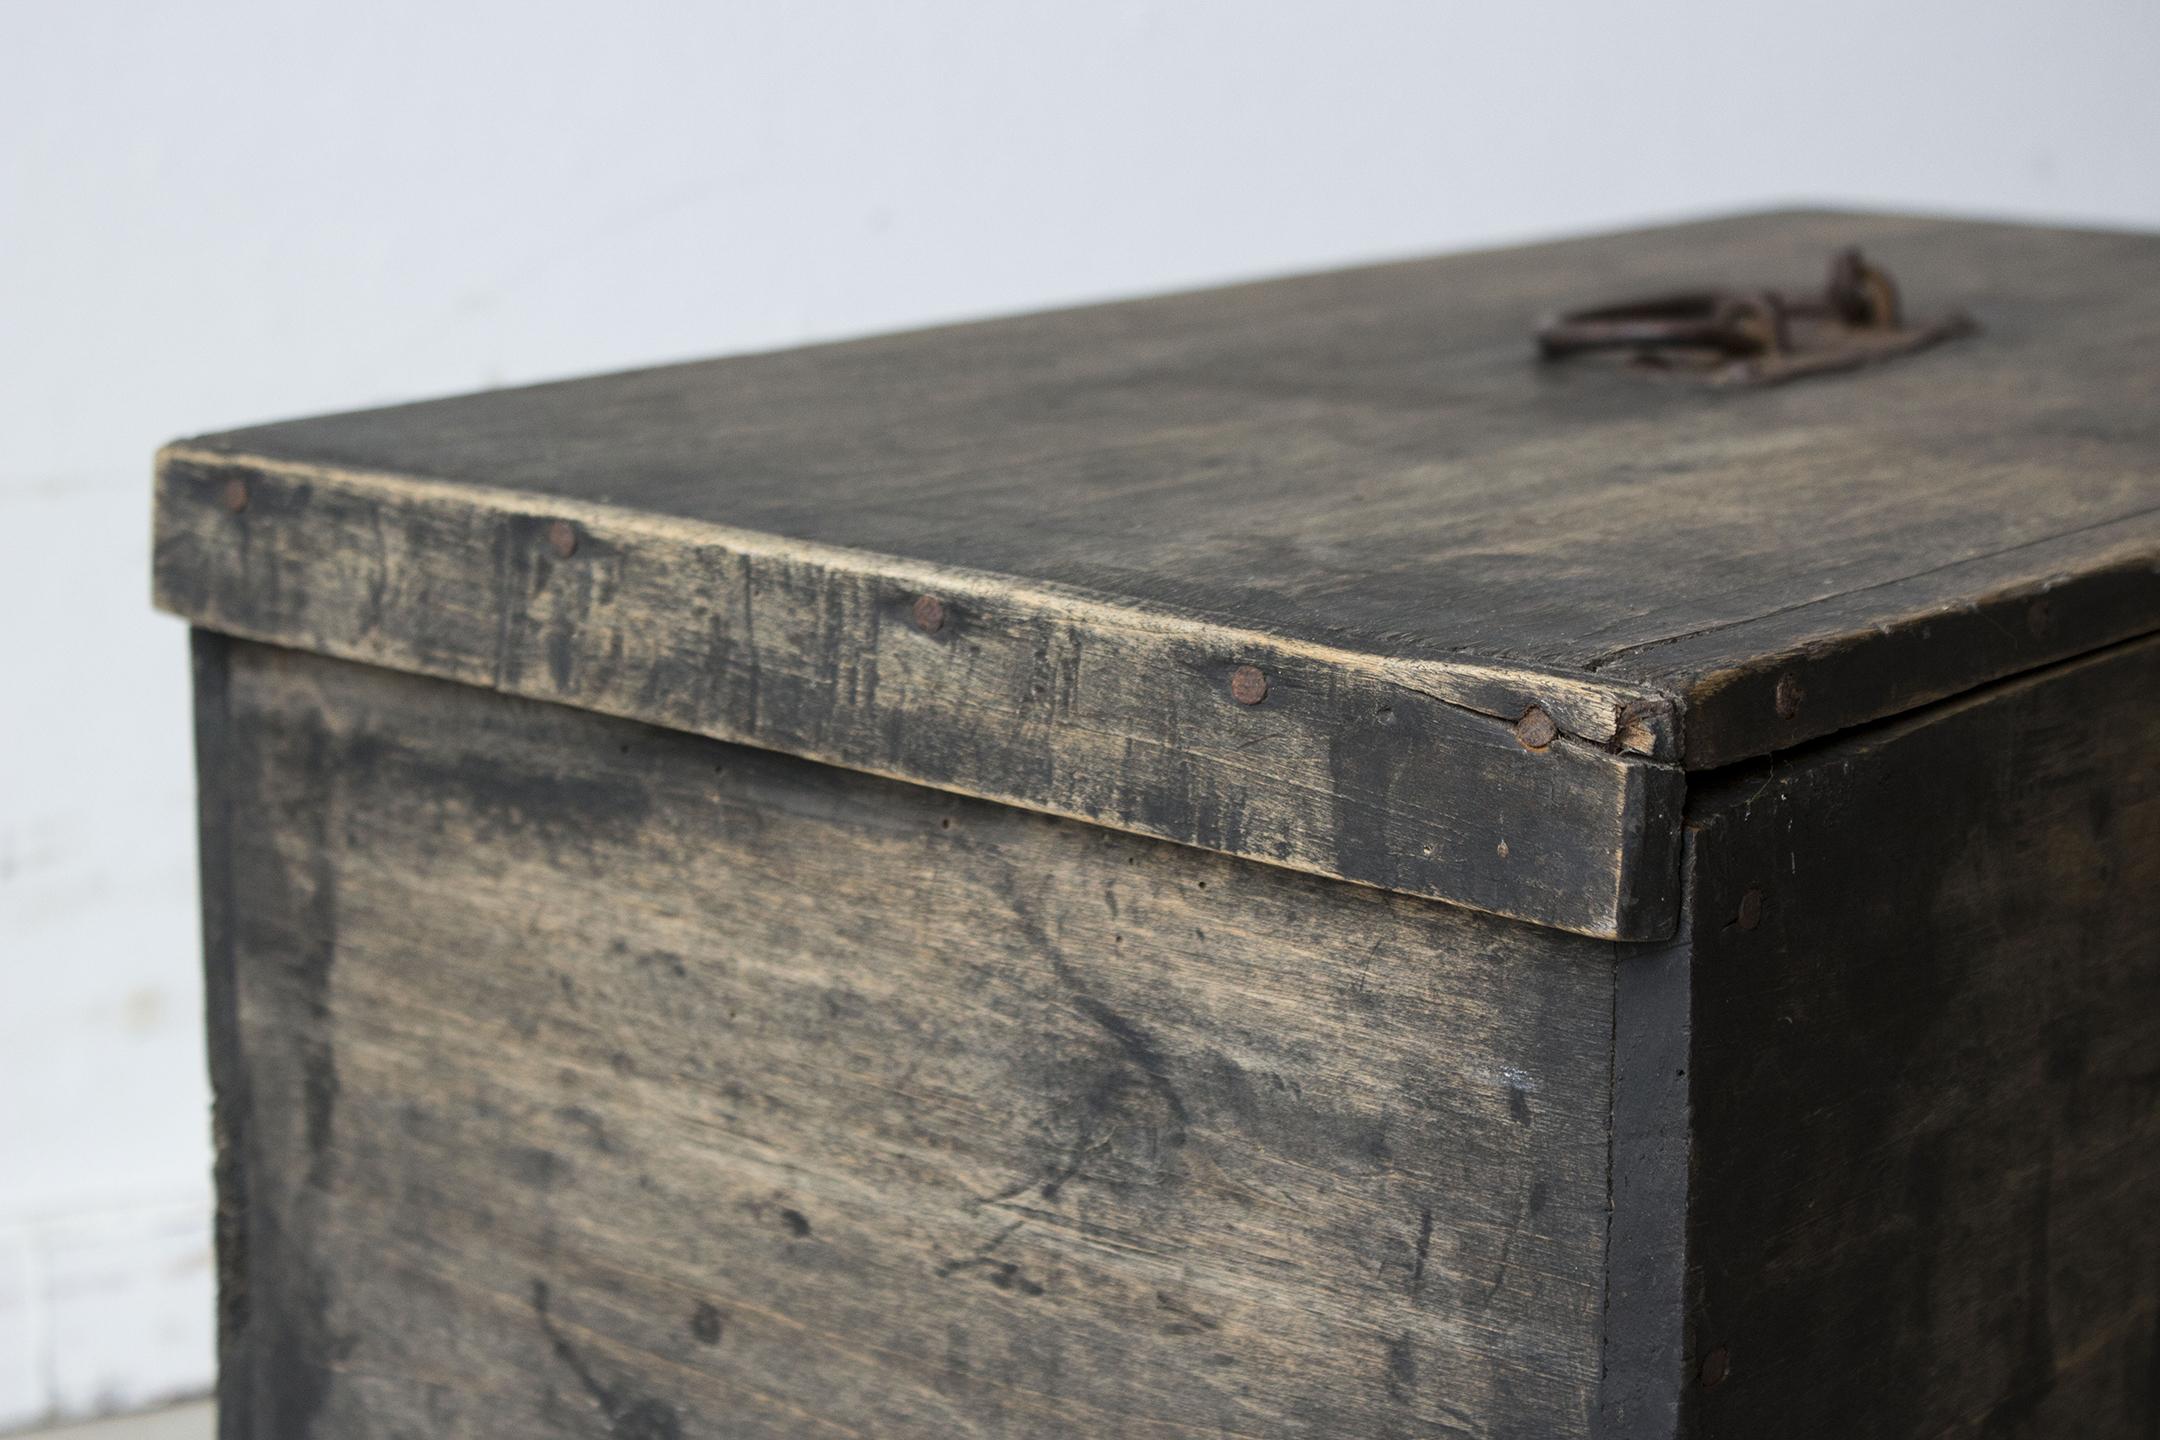 zwart vintage kistje -  Firma zoethout_4.jpg